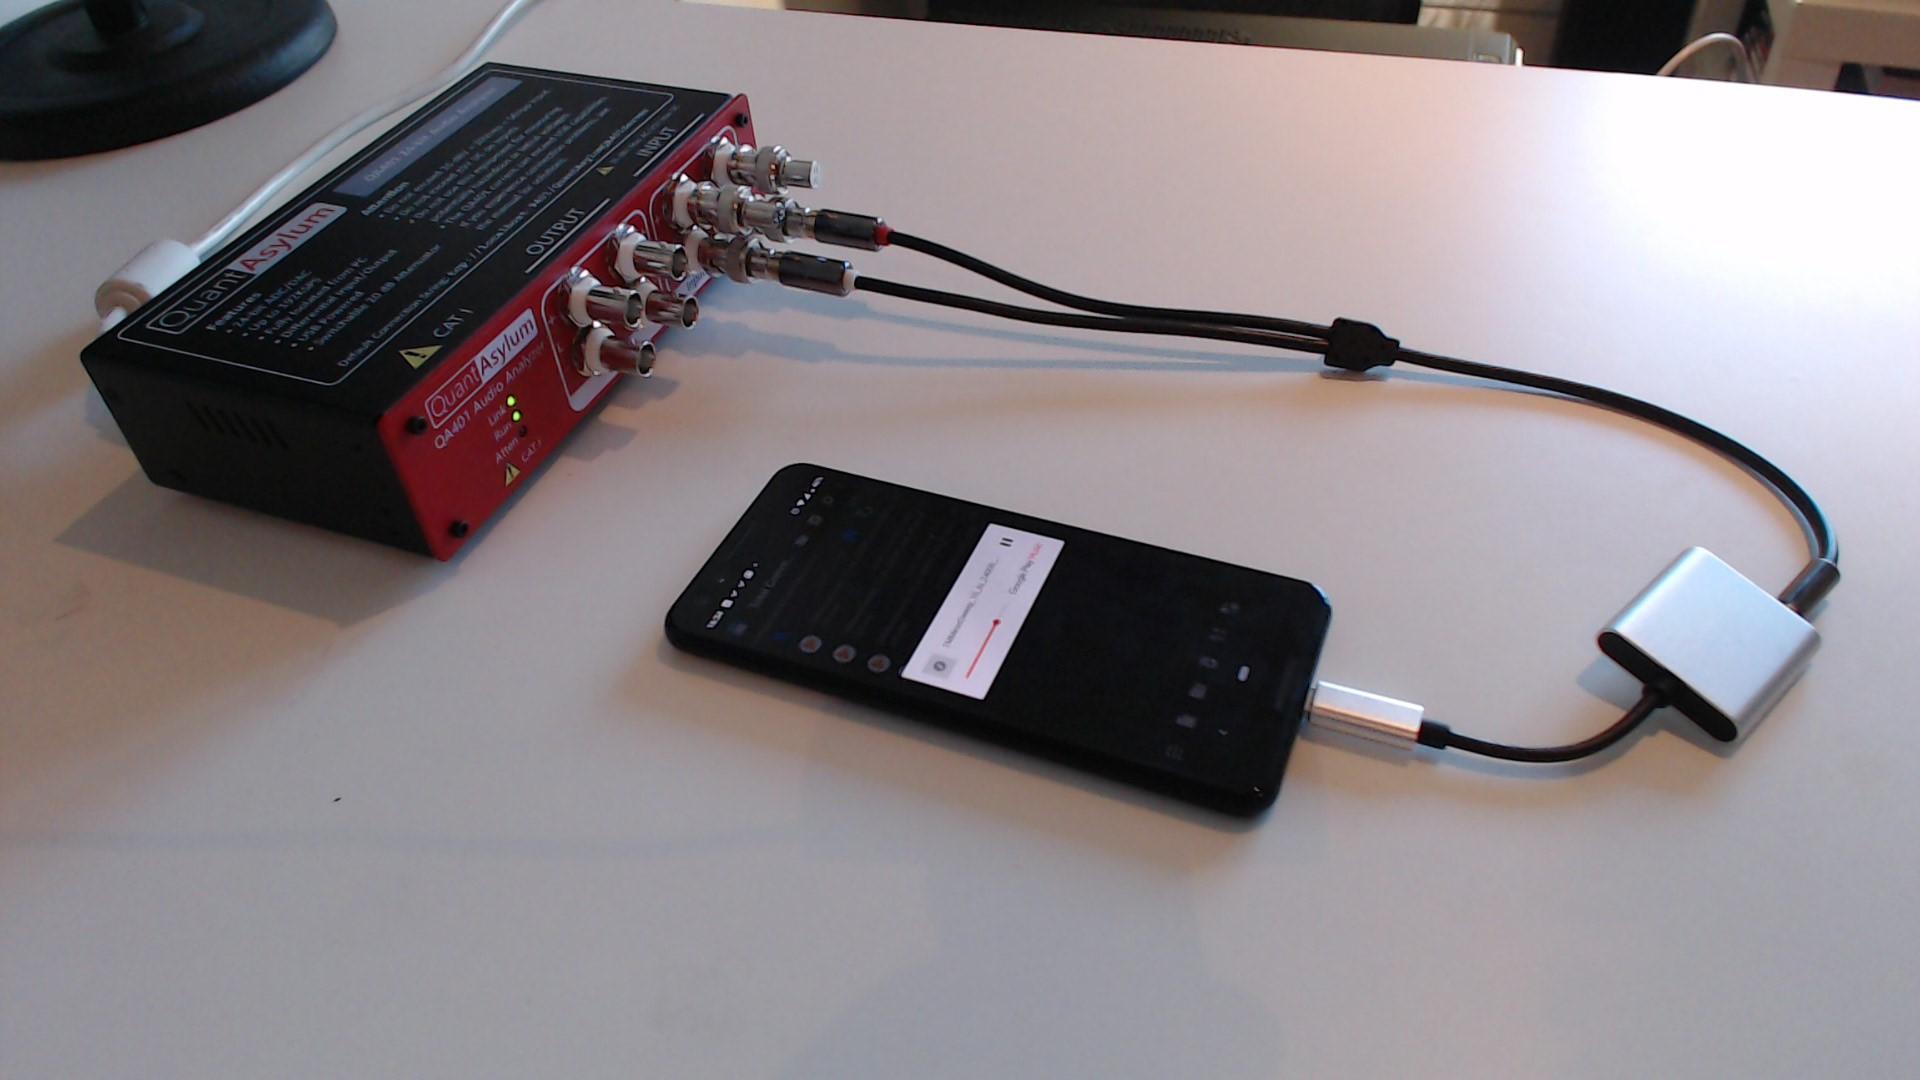 Measurements of Pixel 3 + VIMVIP headphone adapter + Google